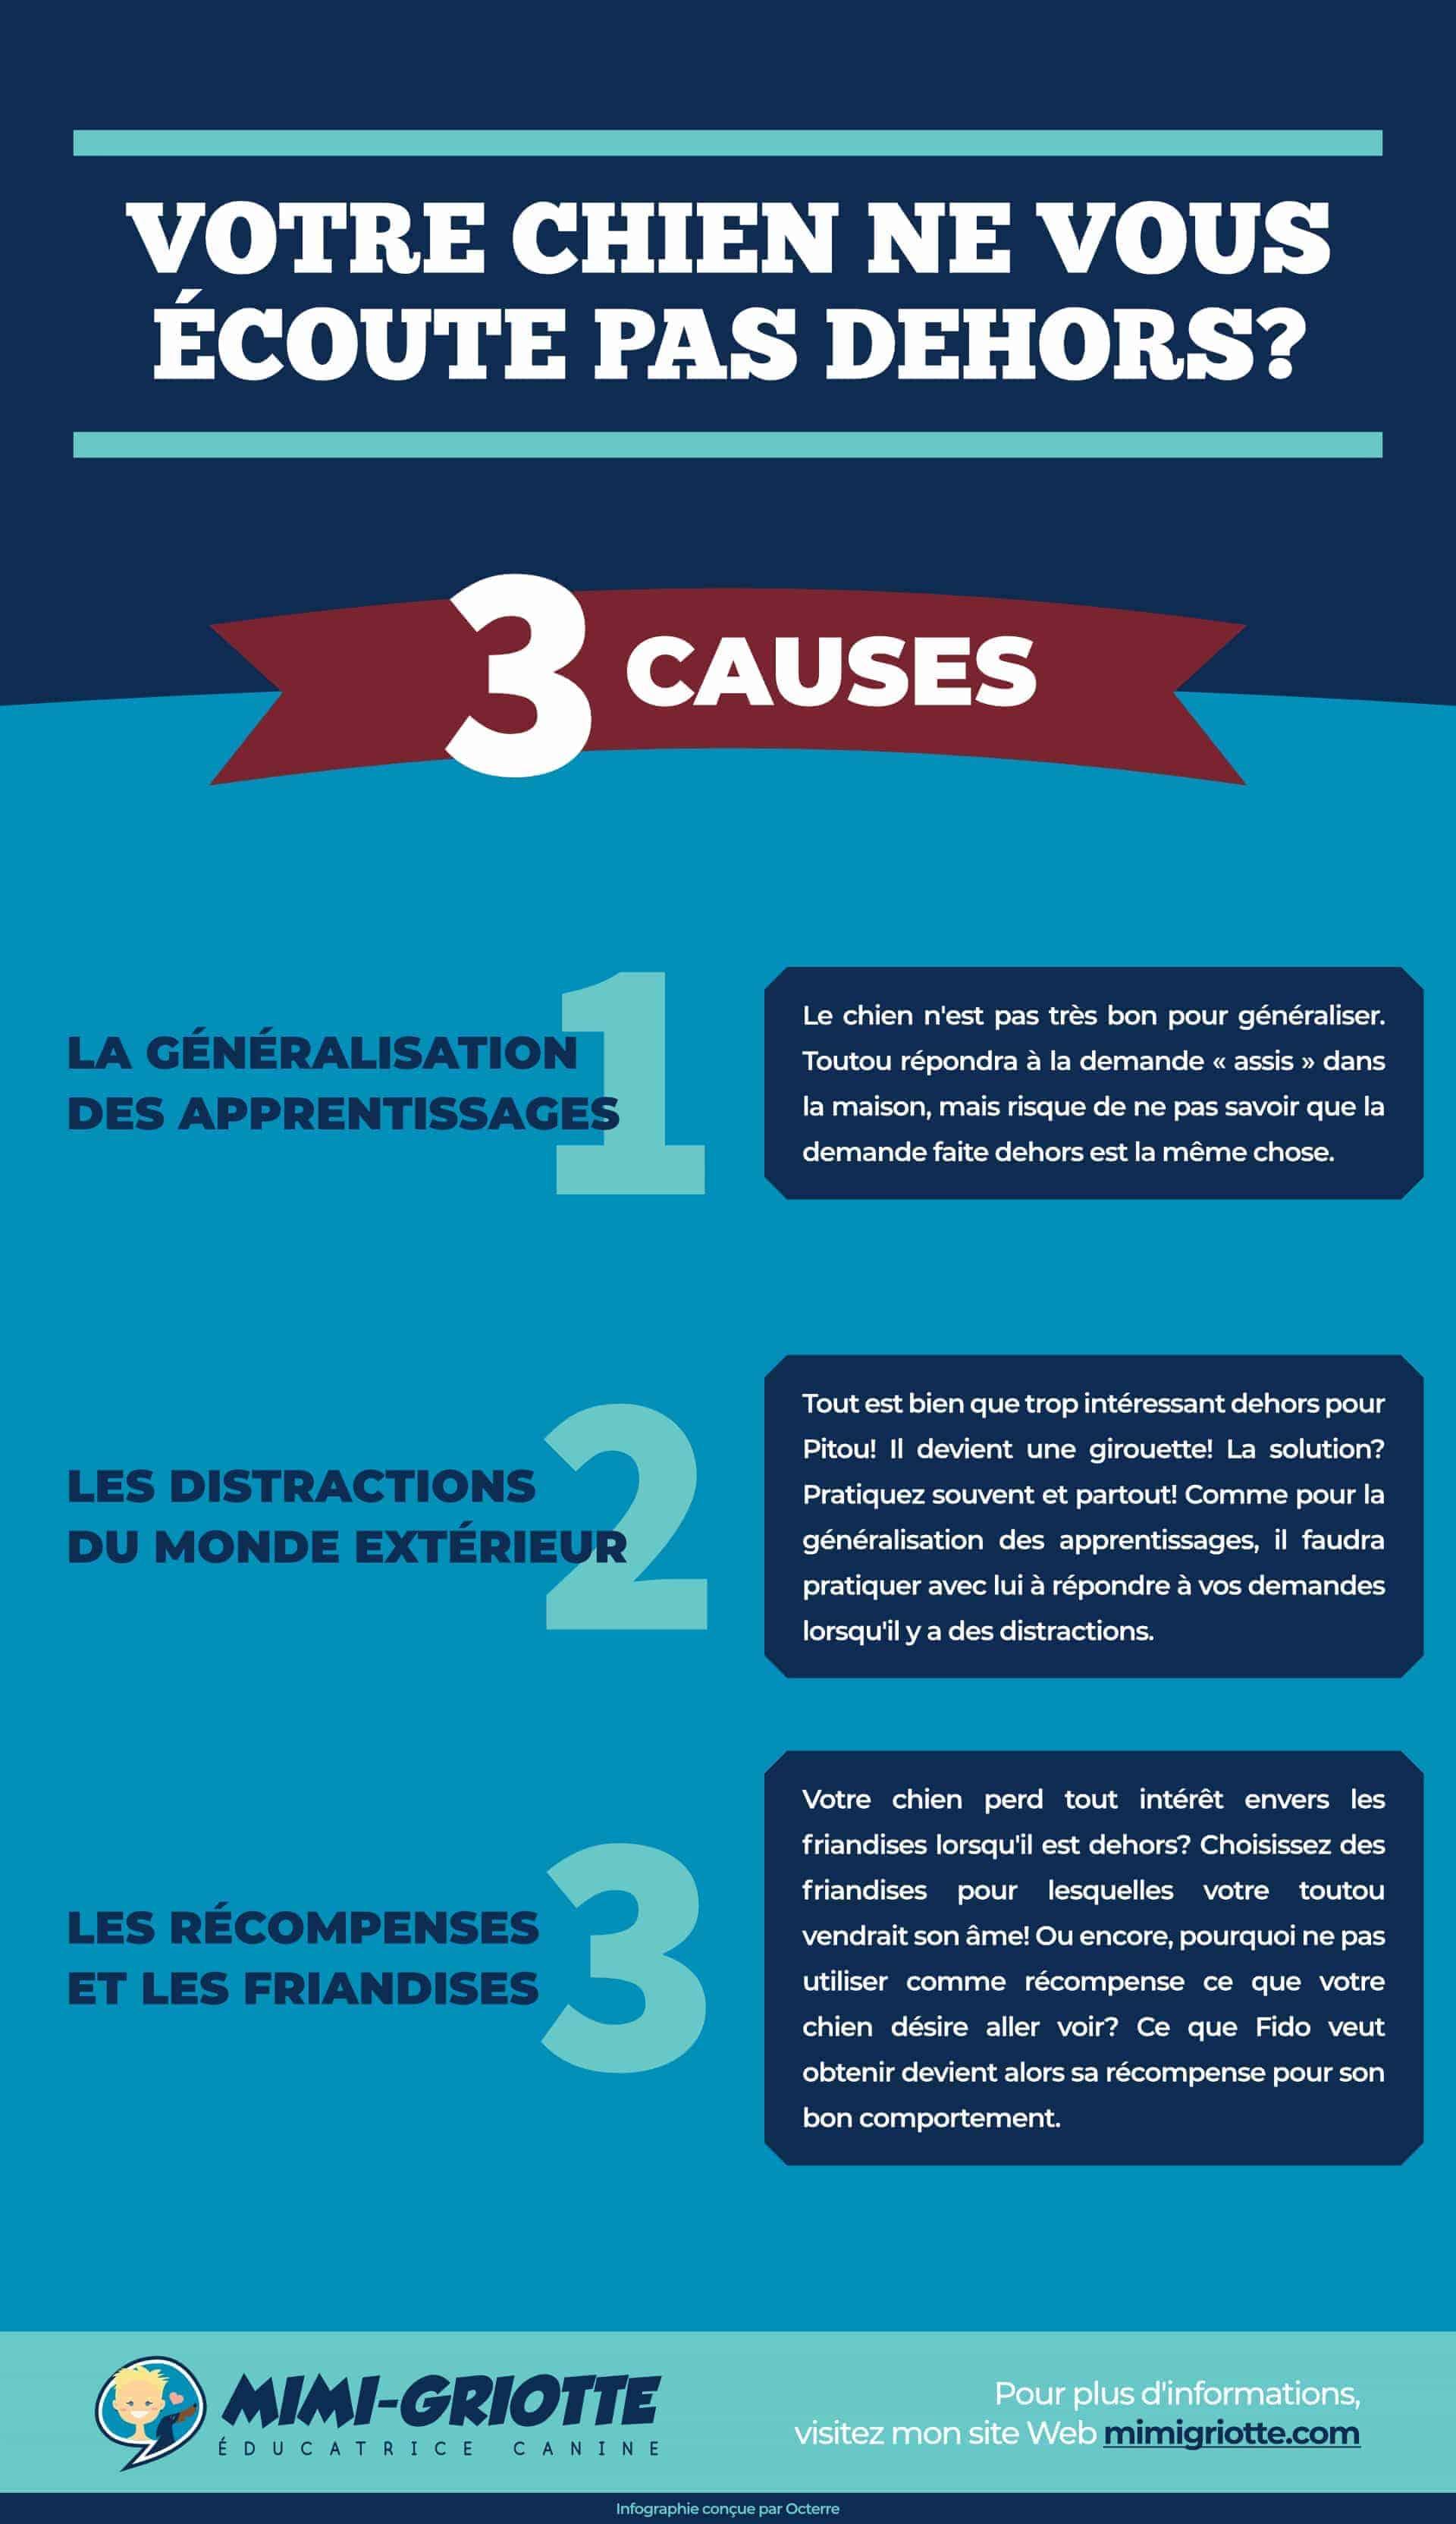 Infographie sur les 3 causes pourquoi un chien n'écoute pas dehors